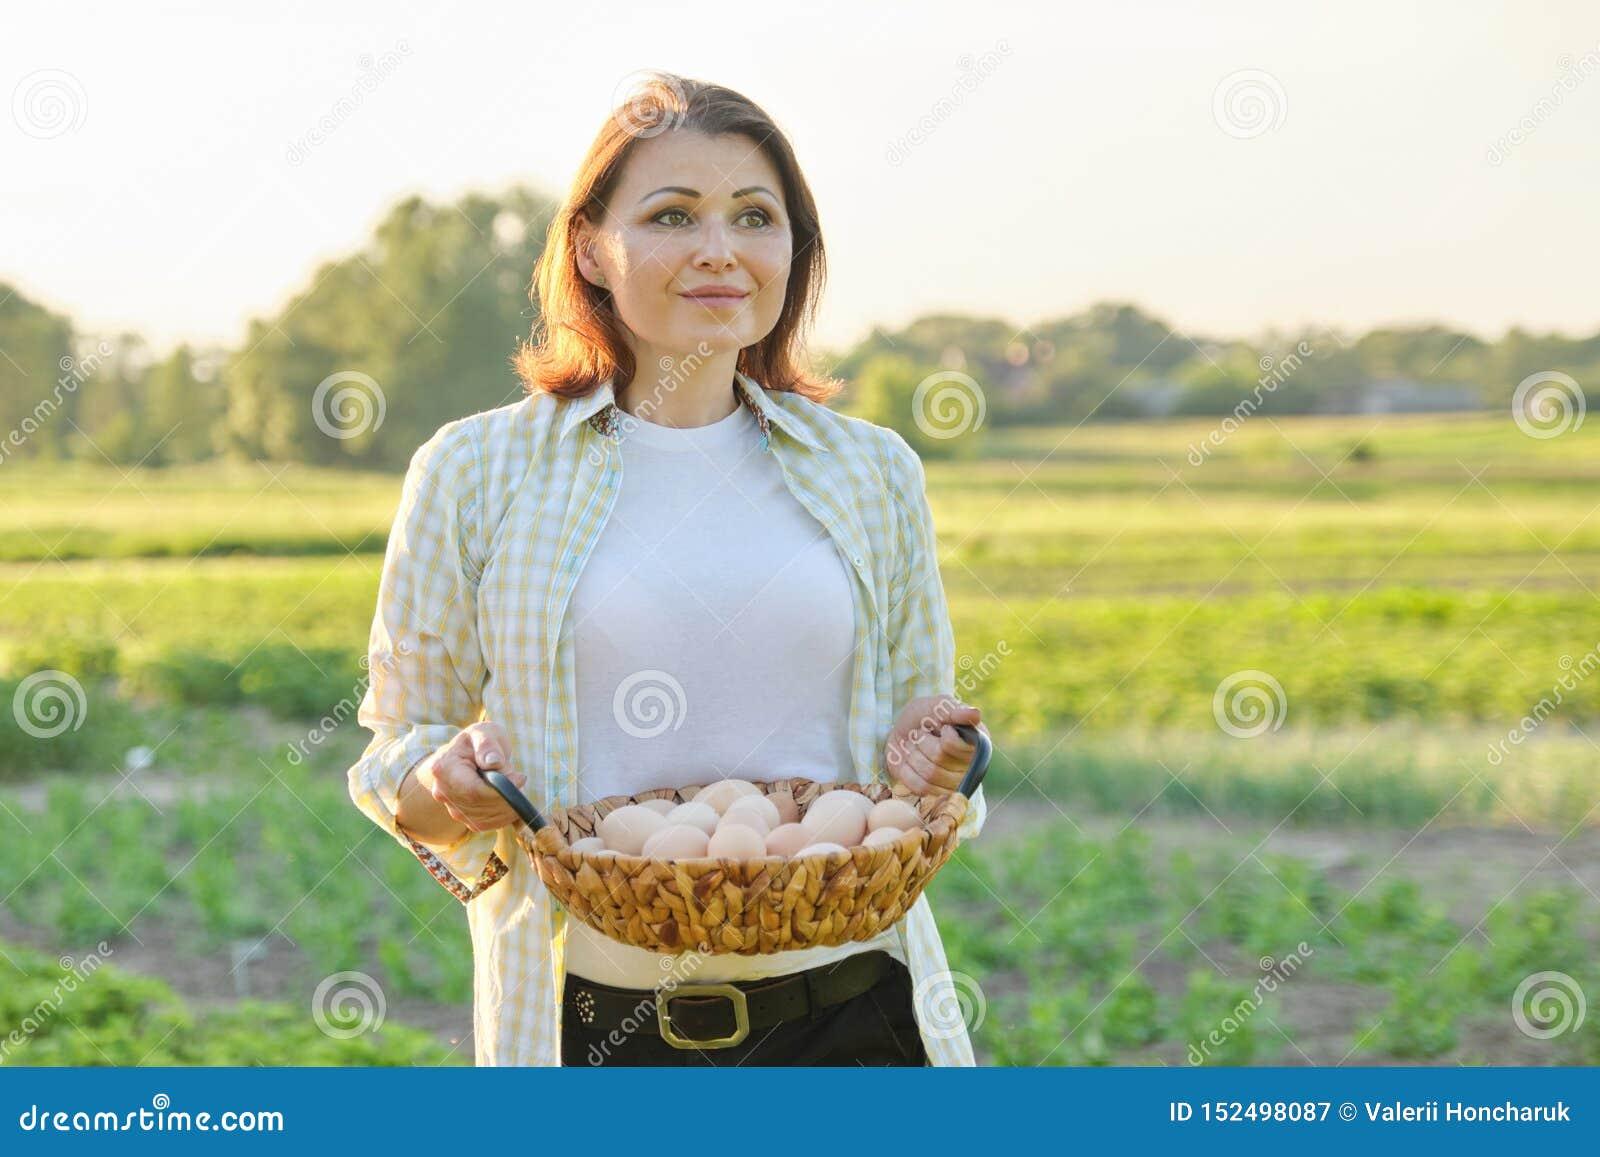 Retrato exterior da mulher do fazendeiro com a cesta de ovos frescos da galinha, exploração agrícola